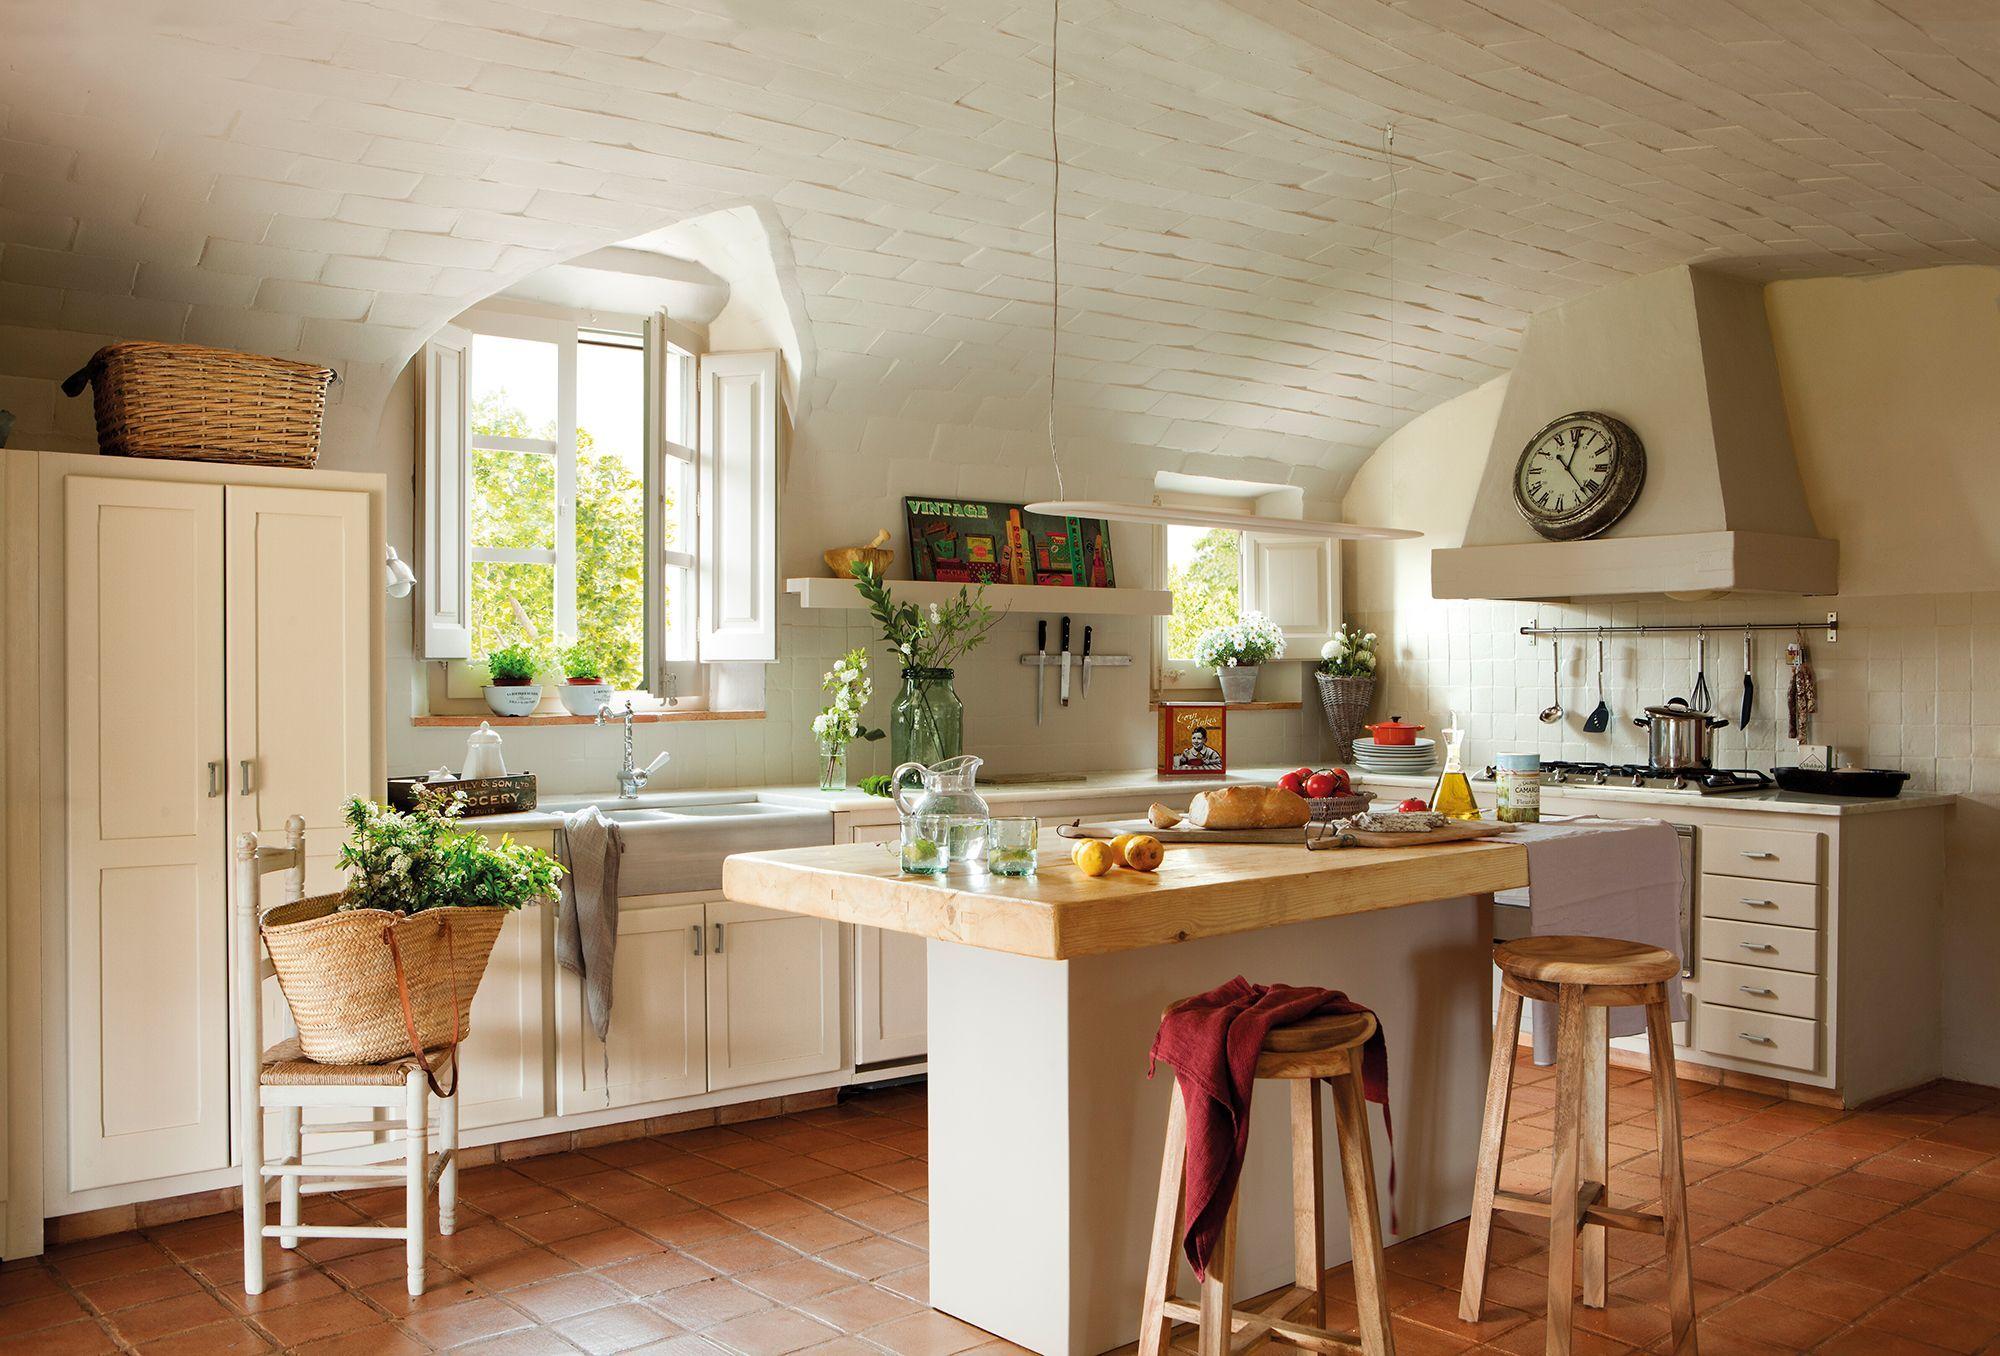 Las 50 mejores cocinas de El Mueble | Techos abovedados, Cocinas y ...